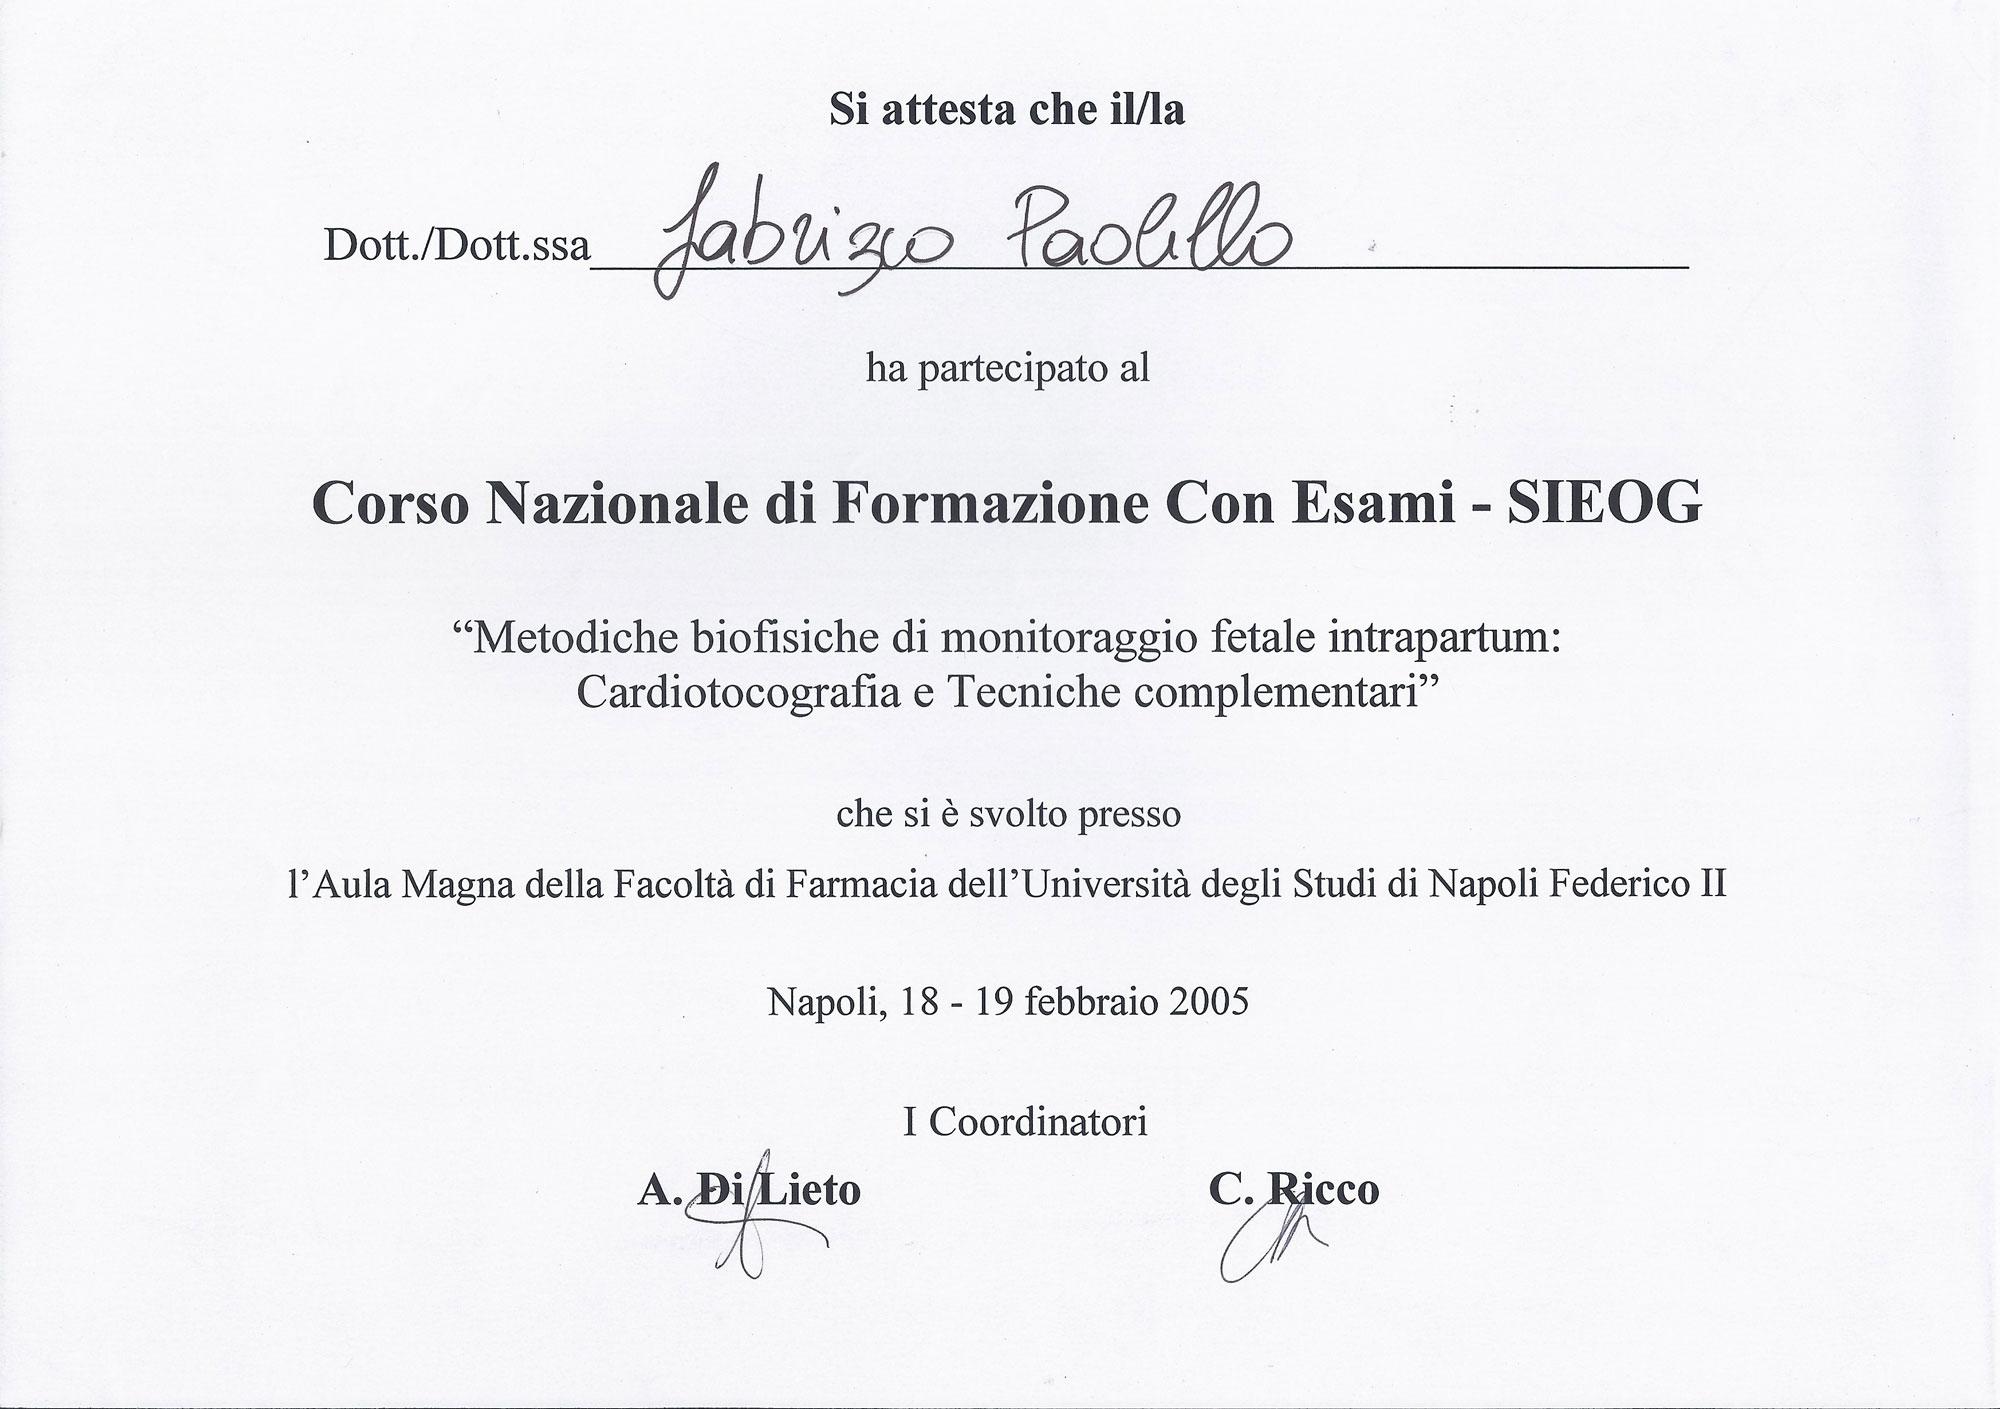 Corso Nazionale di formazione con esami - SIEOG